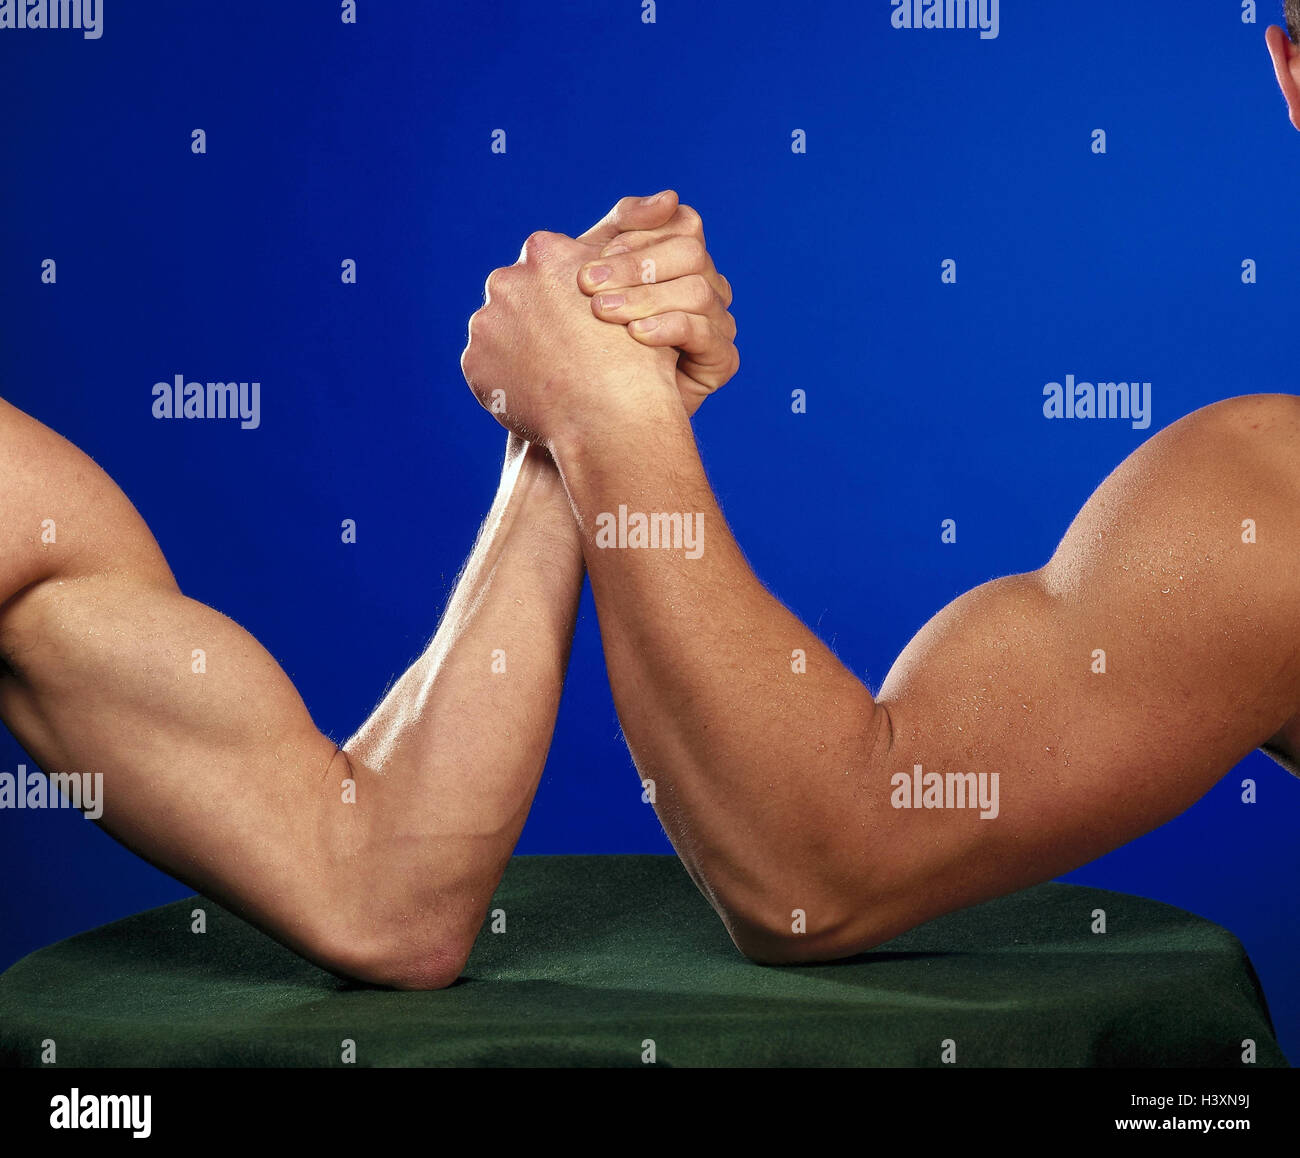 Ungewöhnlich Muskeln In Den Armen Ideen - Menschliche Anatomie ...